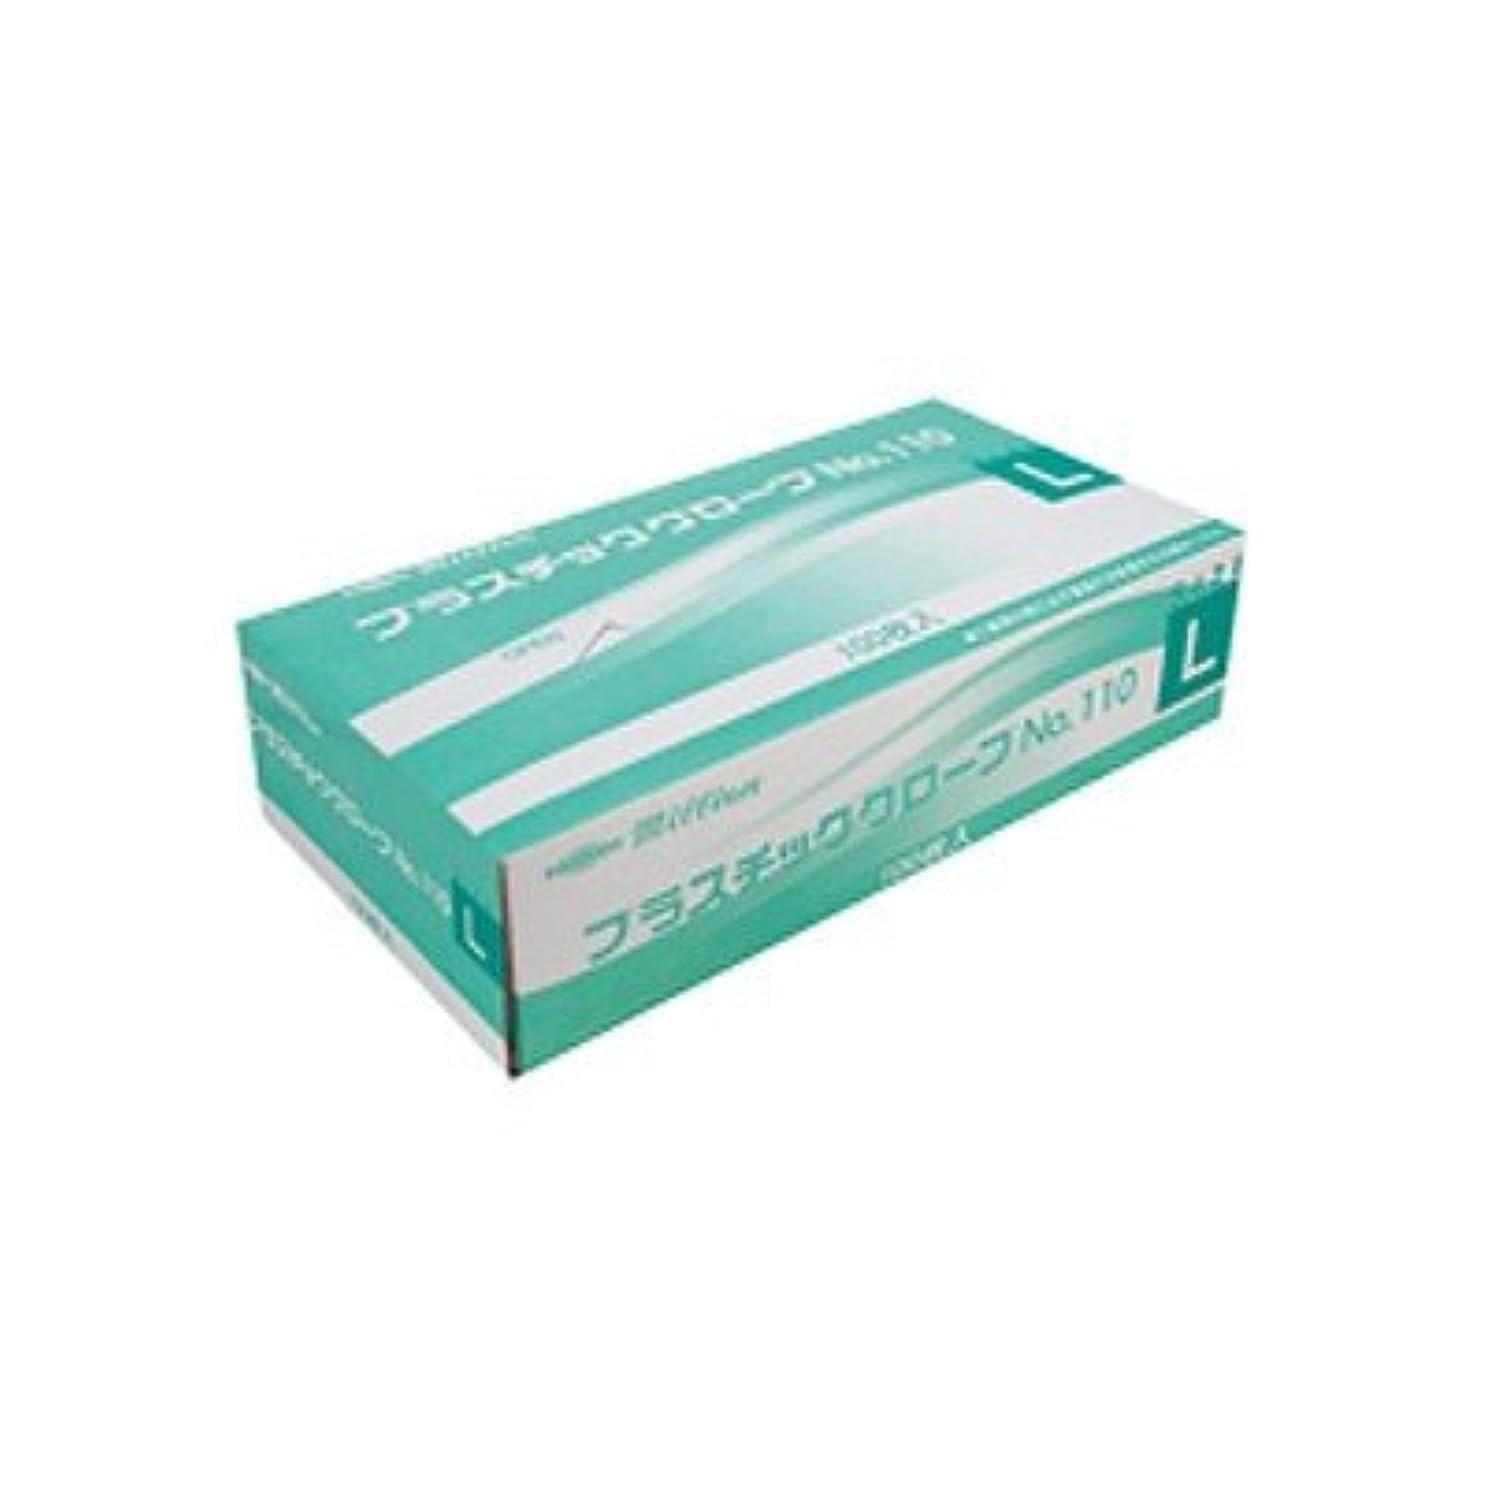 整理する大宇宙小人ミリオン プラスチック手袋 粉付 No.110 L 品番:LH-110-L 注文番号:62741507 メーカー:共和